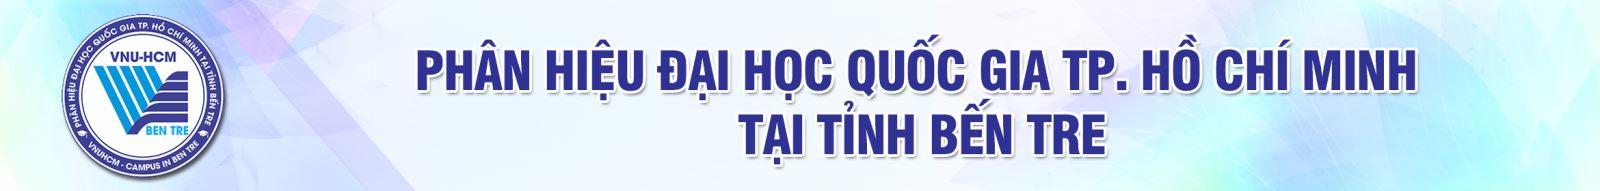 Phân hiệu Đại học Quốc gia Thành phố Hồ Chí Minh tại tỉnh Bến Tre